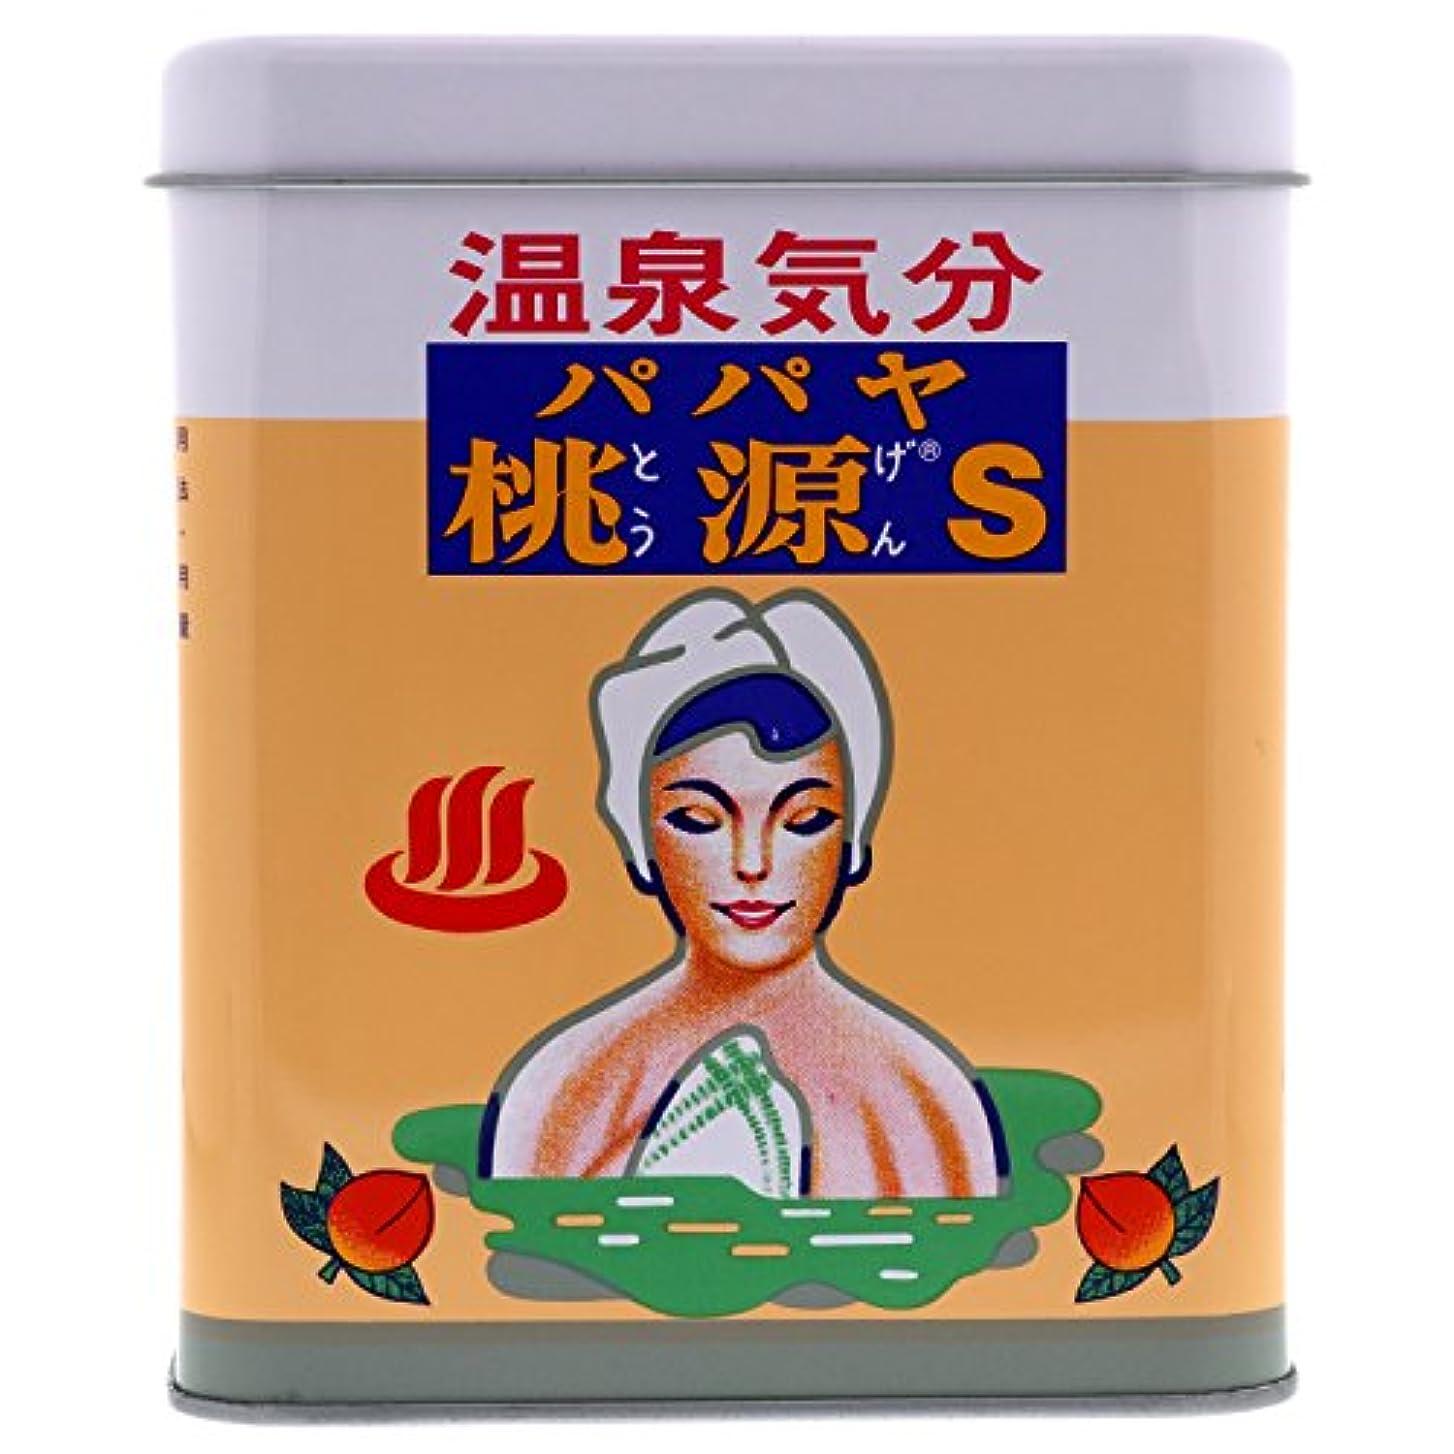 是正するスーダン司法パパヤ桃源S 700g 缶 [医薬部外品]